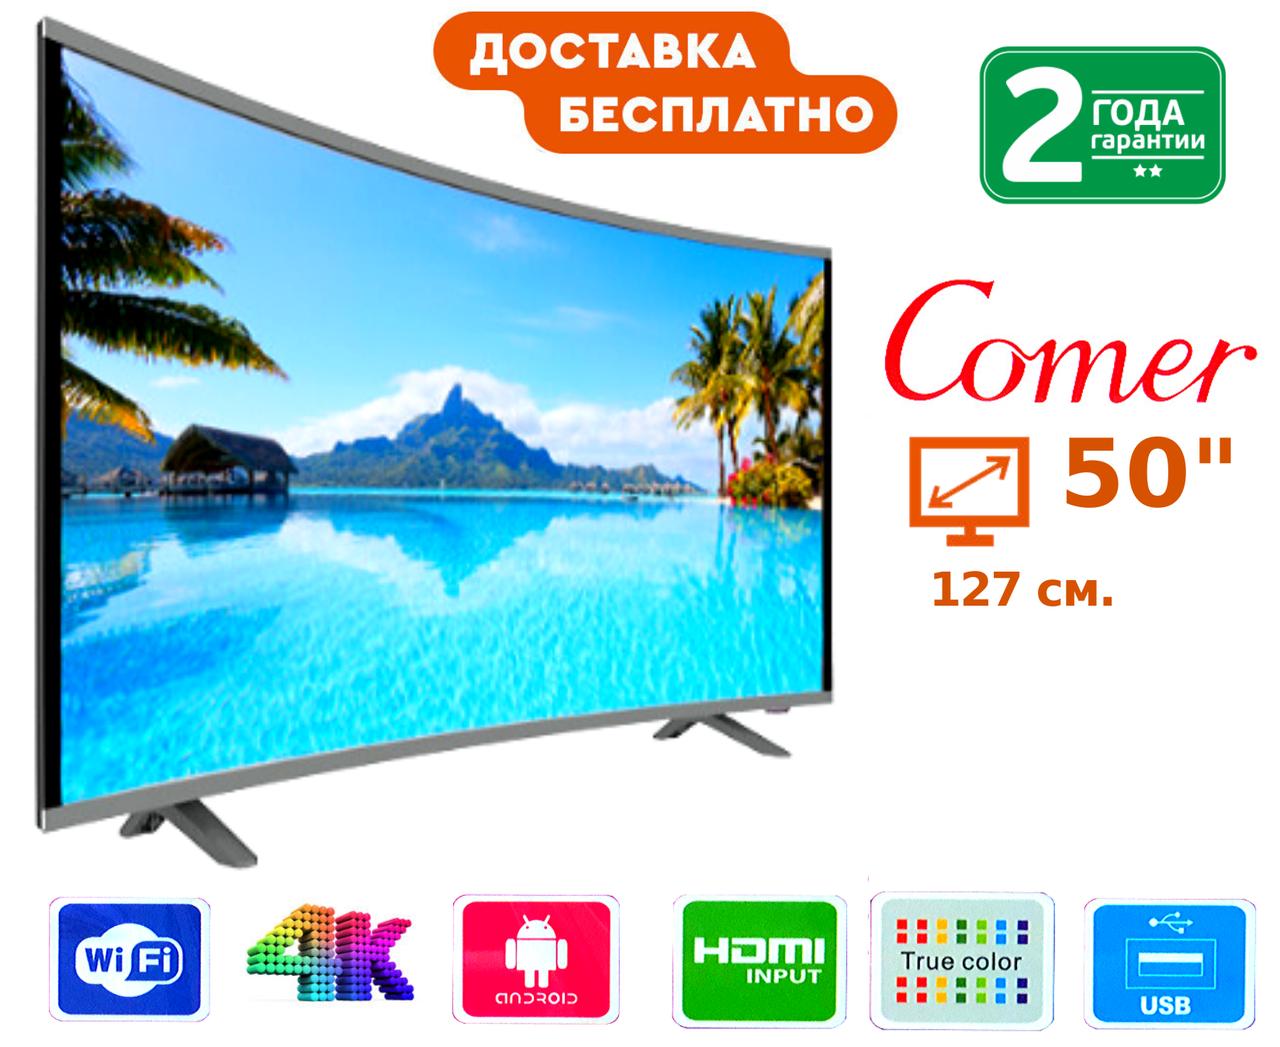 """Телевизор Comer 50"""" Smart TV, Wi-Fi, E50DU1000, Оригинал"""